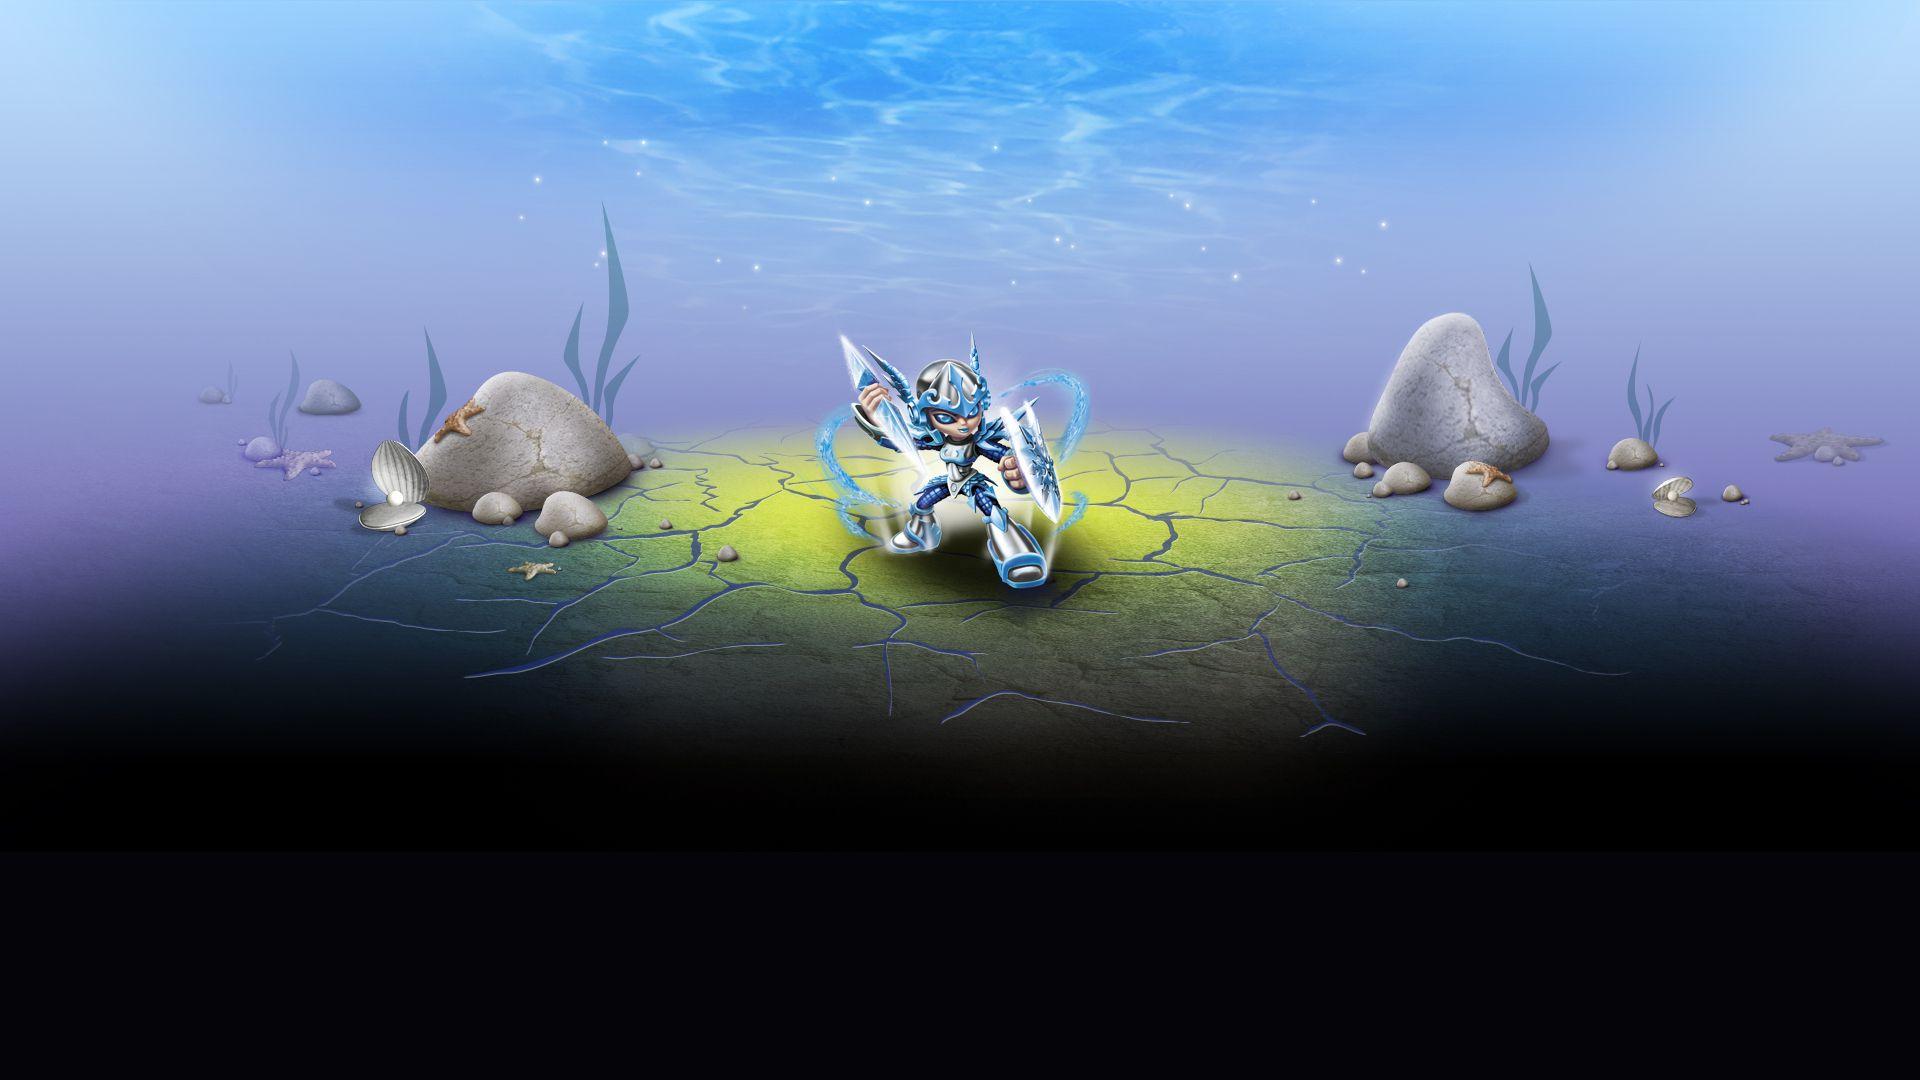 Skylanders Wallpaper Backgrounds - WallpaperSafari